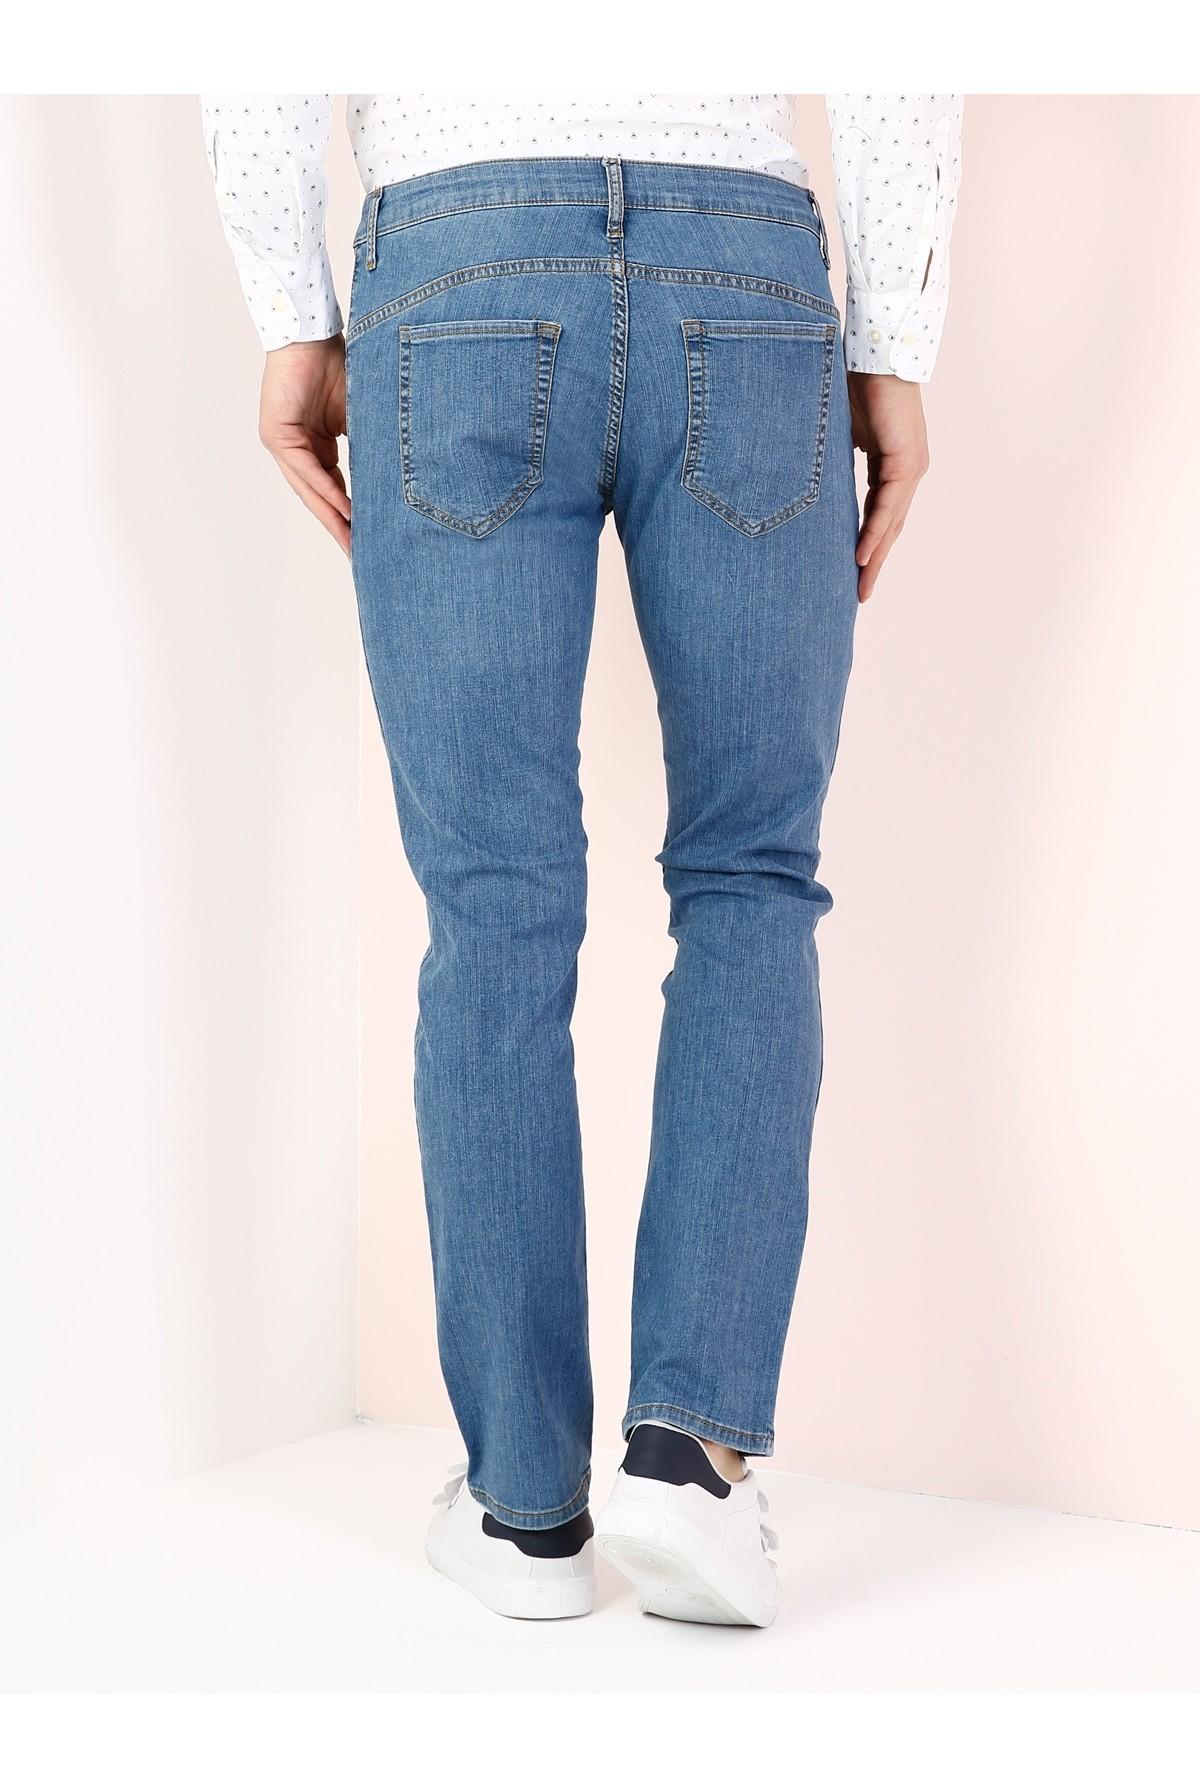 254368364 بنطال جينز رجالي - باسعار مخفضة - كولينز colins | السعر : 12.16 ...